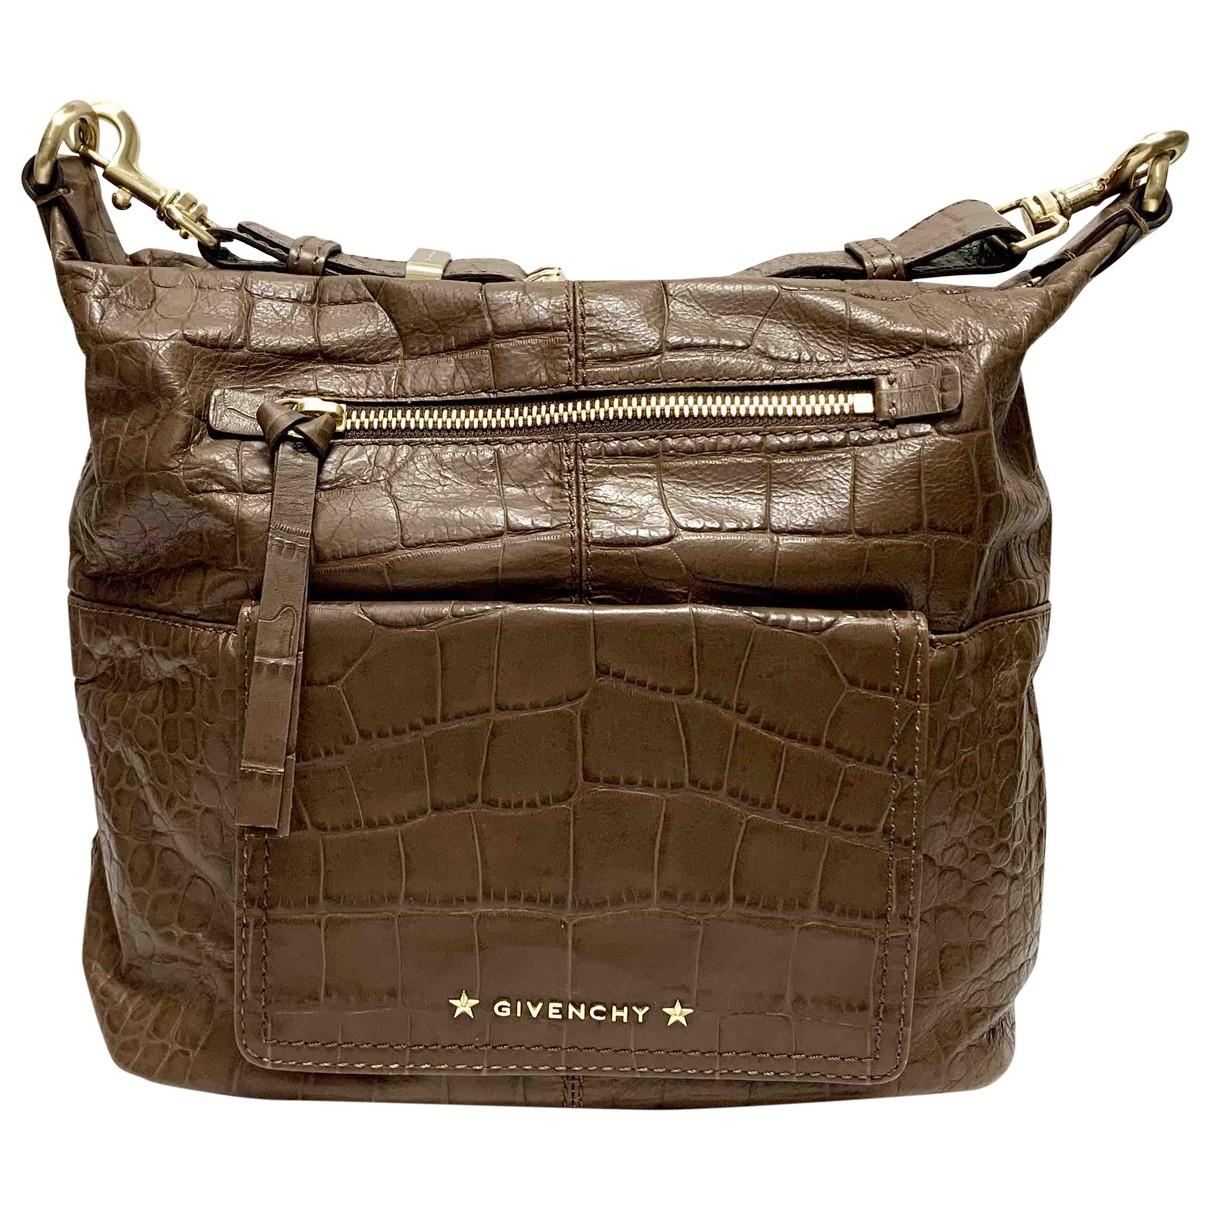 Givenchy \N Handtasche in  Braun Leder